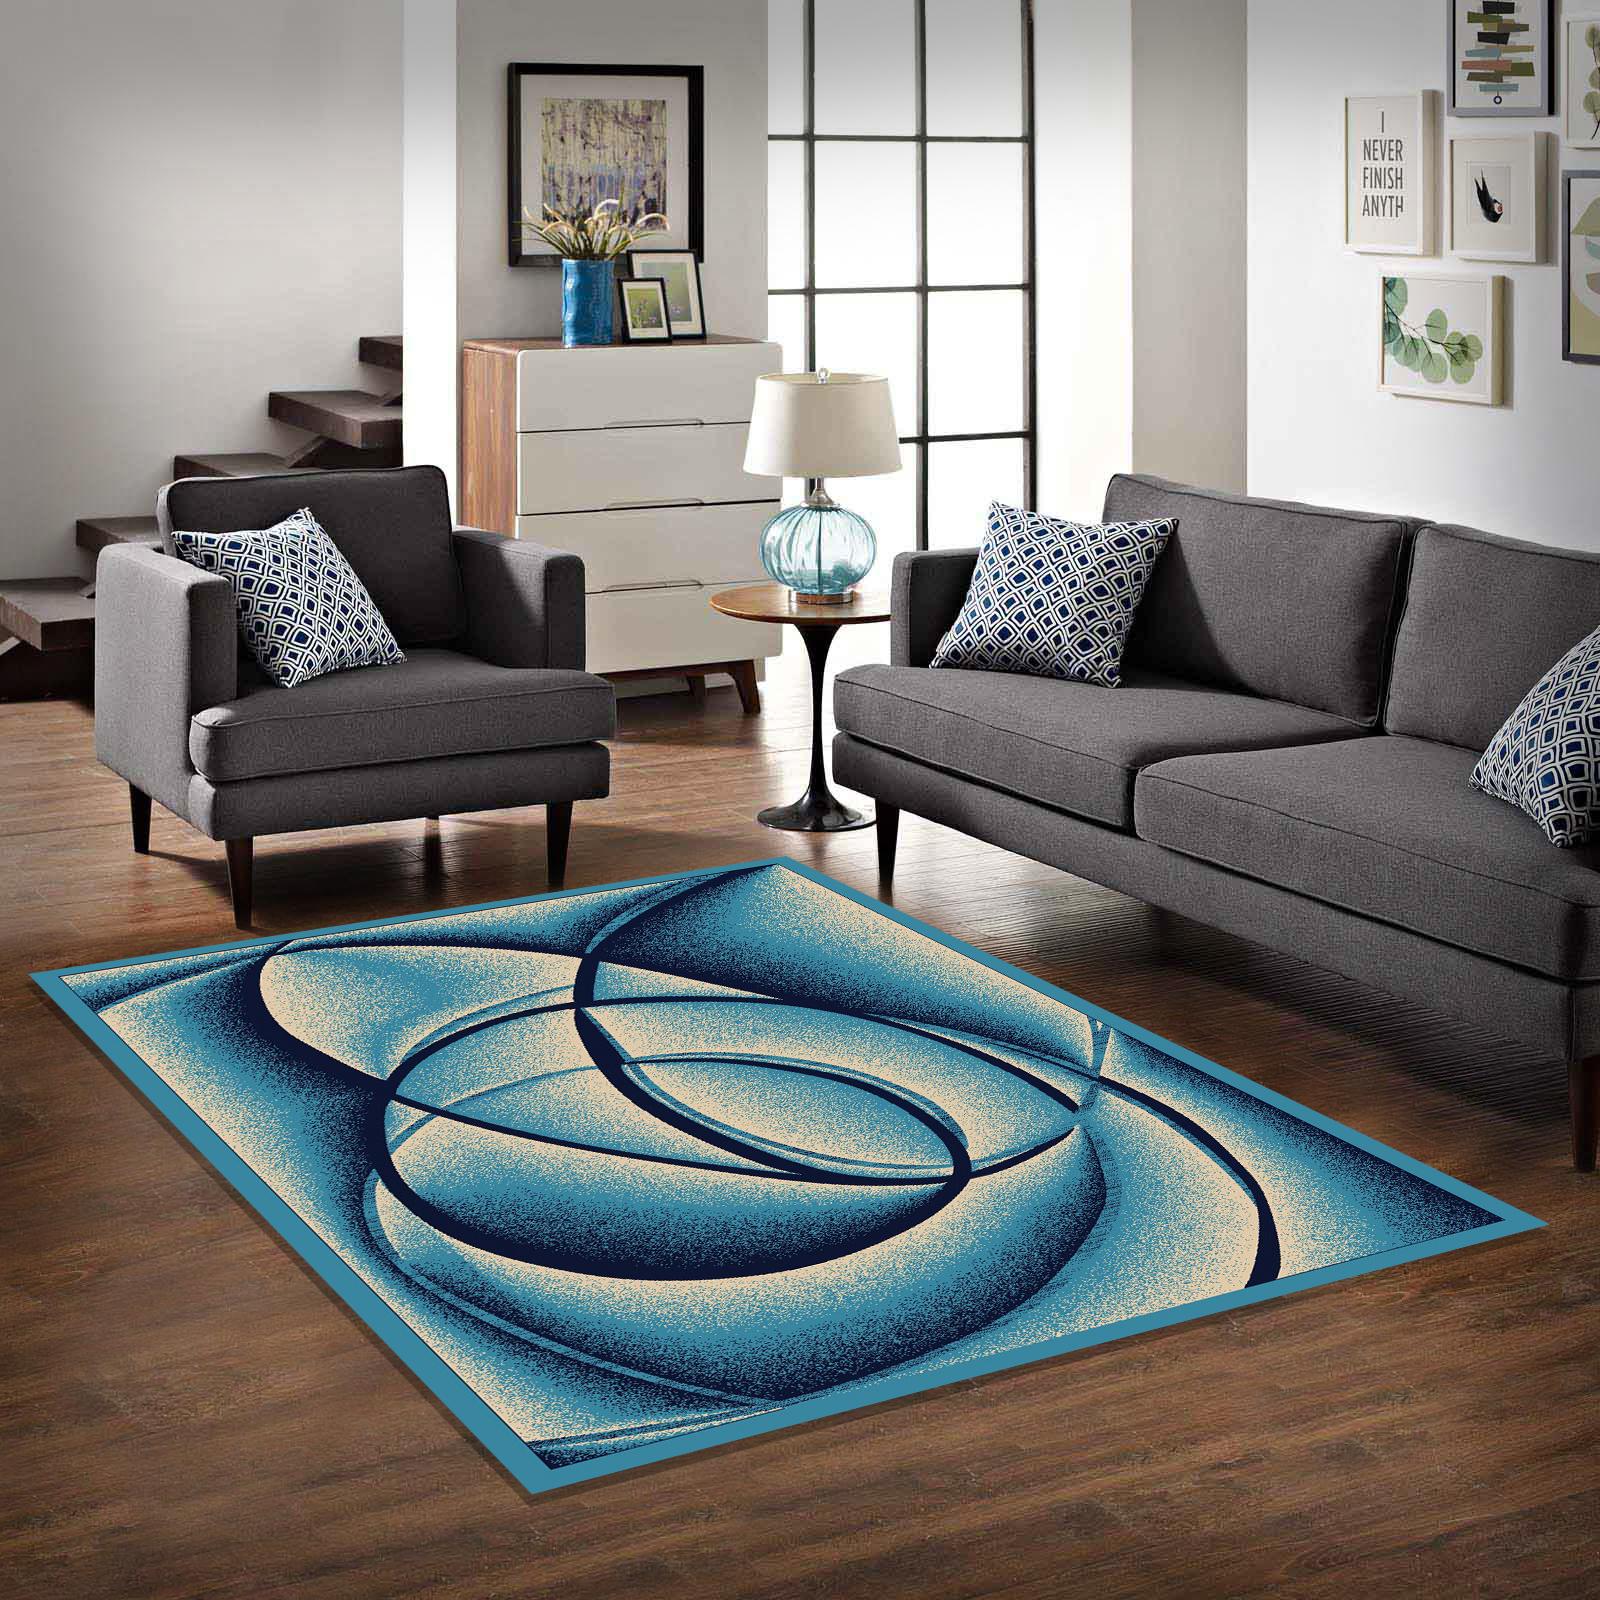 Cape Town Carpet Image